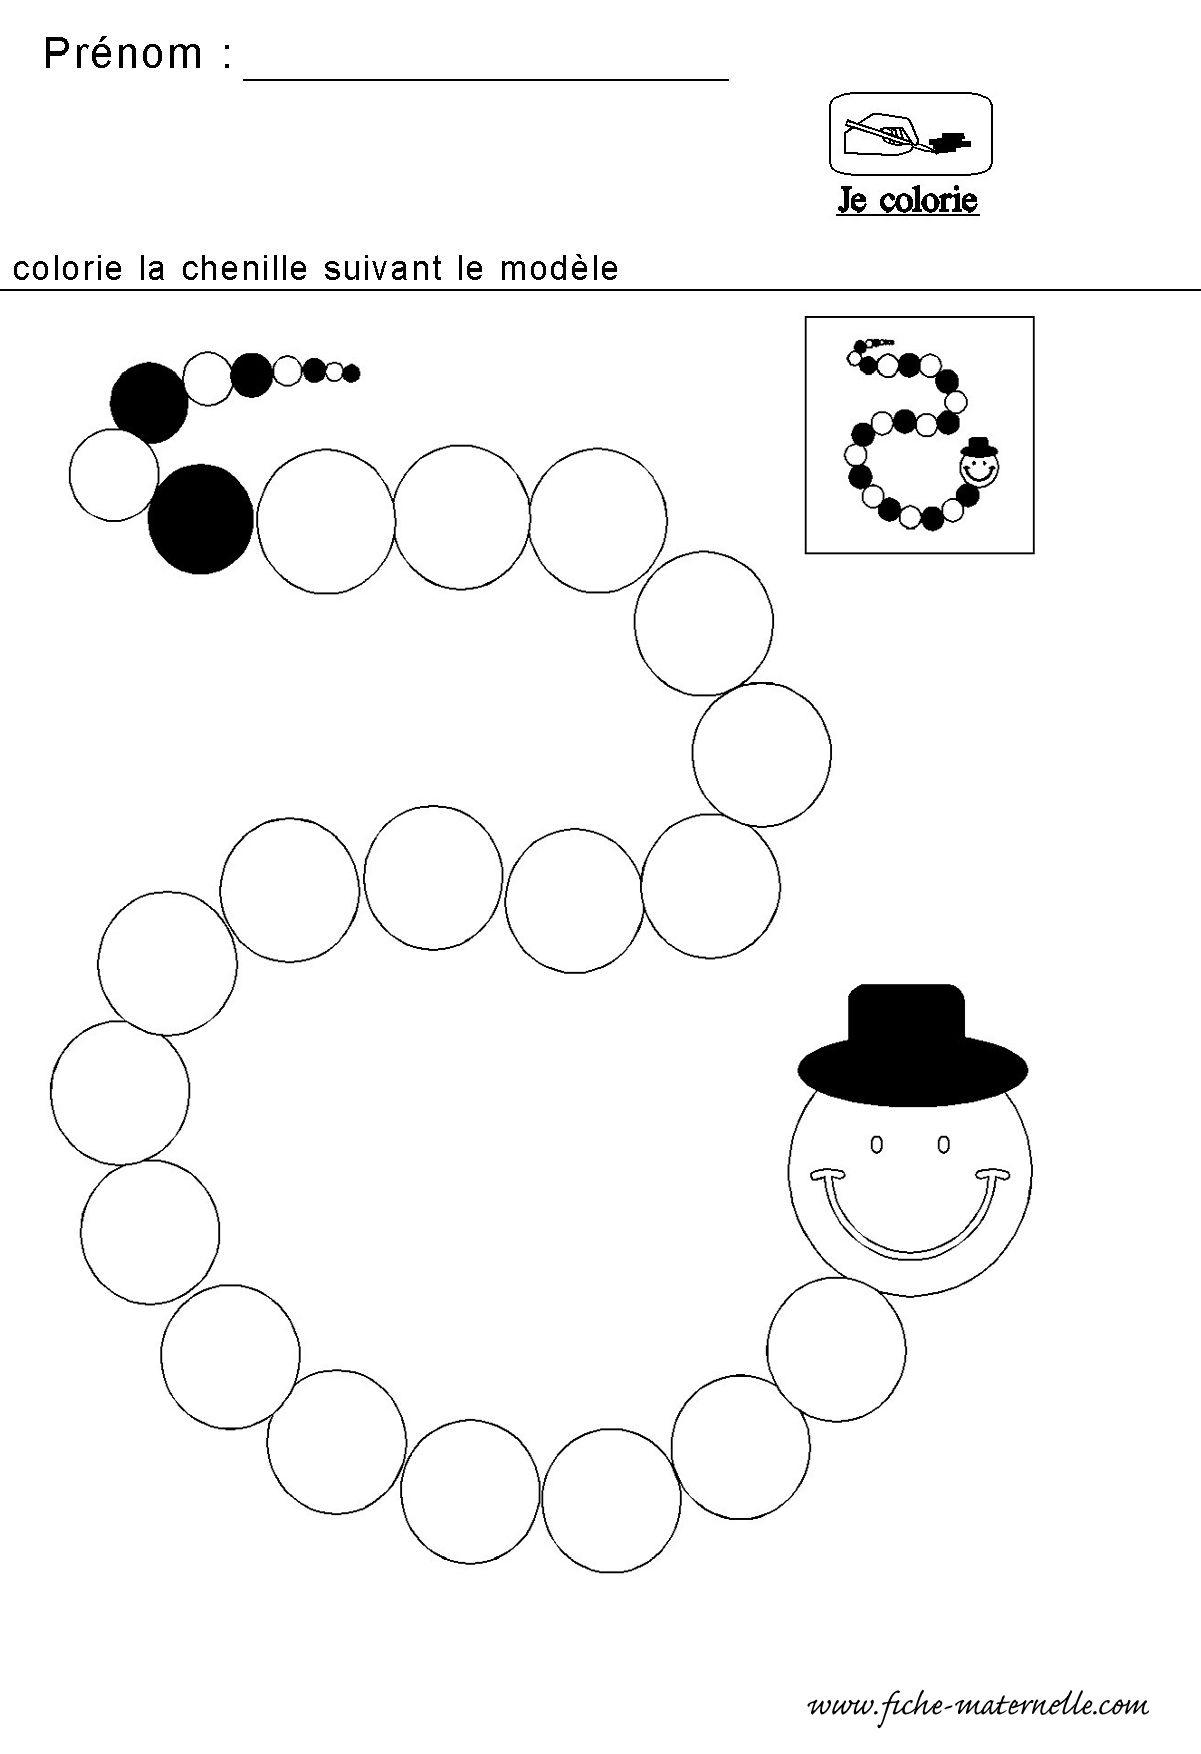 Mathematiques Maternelle Algorithme De La Chenille concernant Fiche Activité Maternelle Petite Section